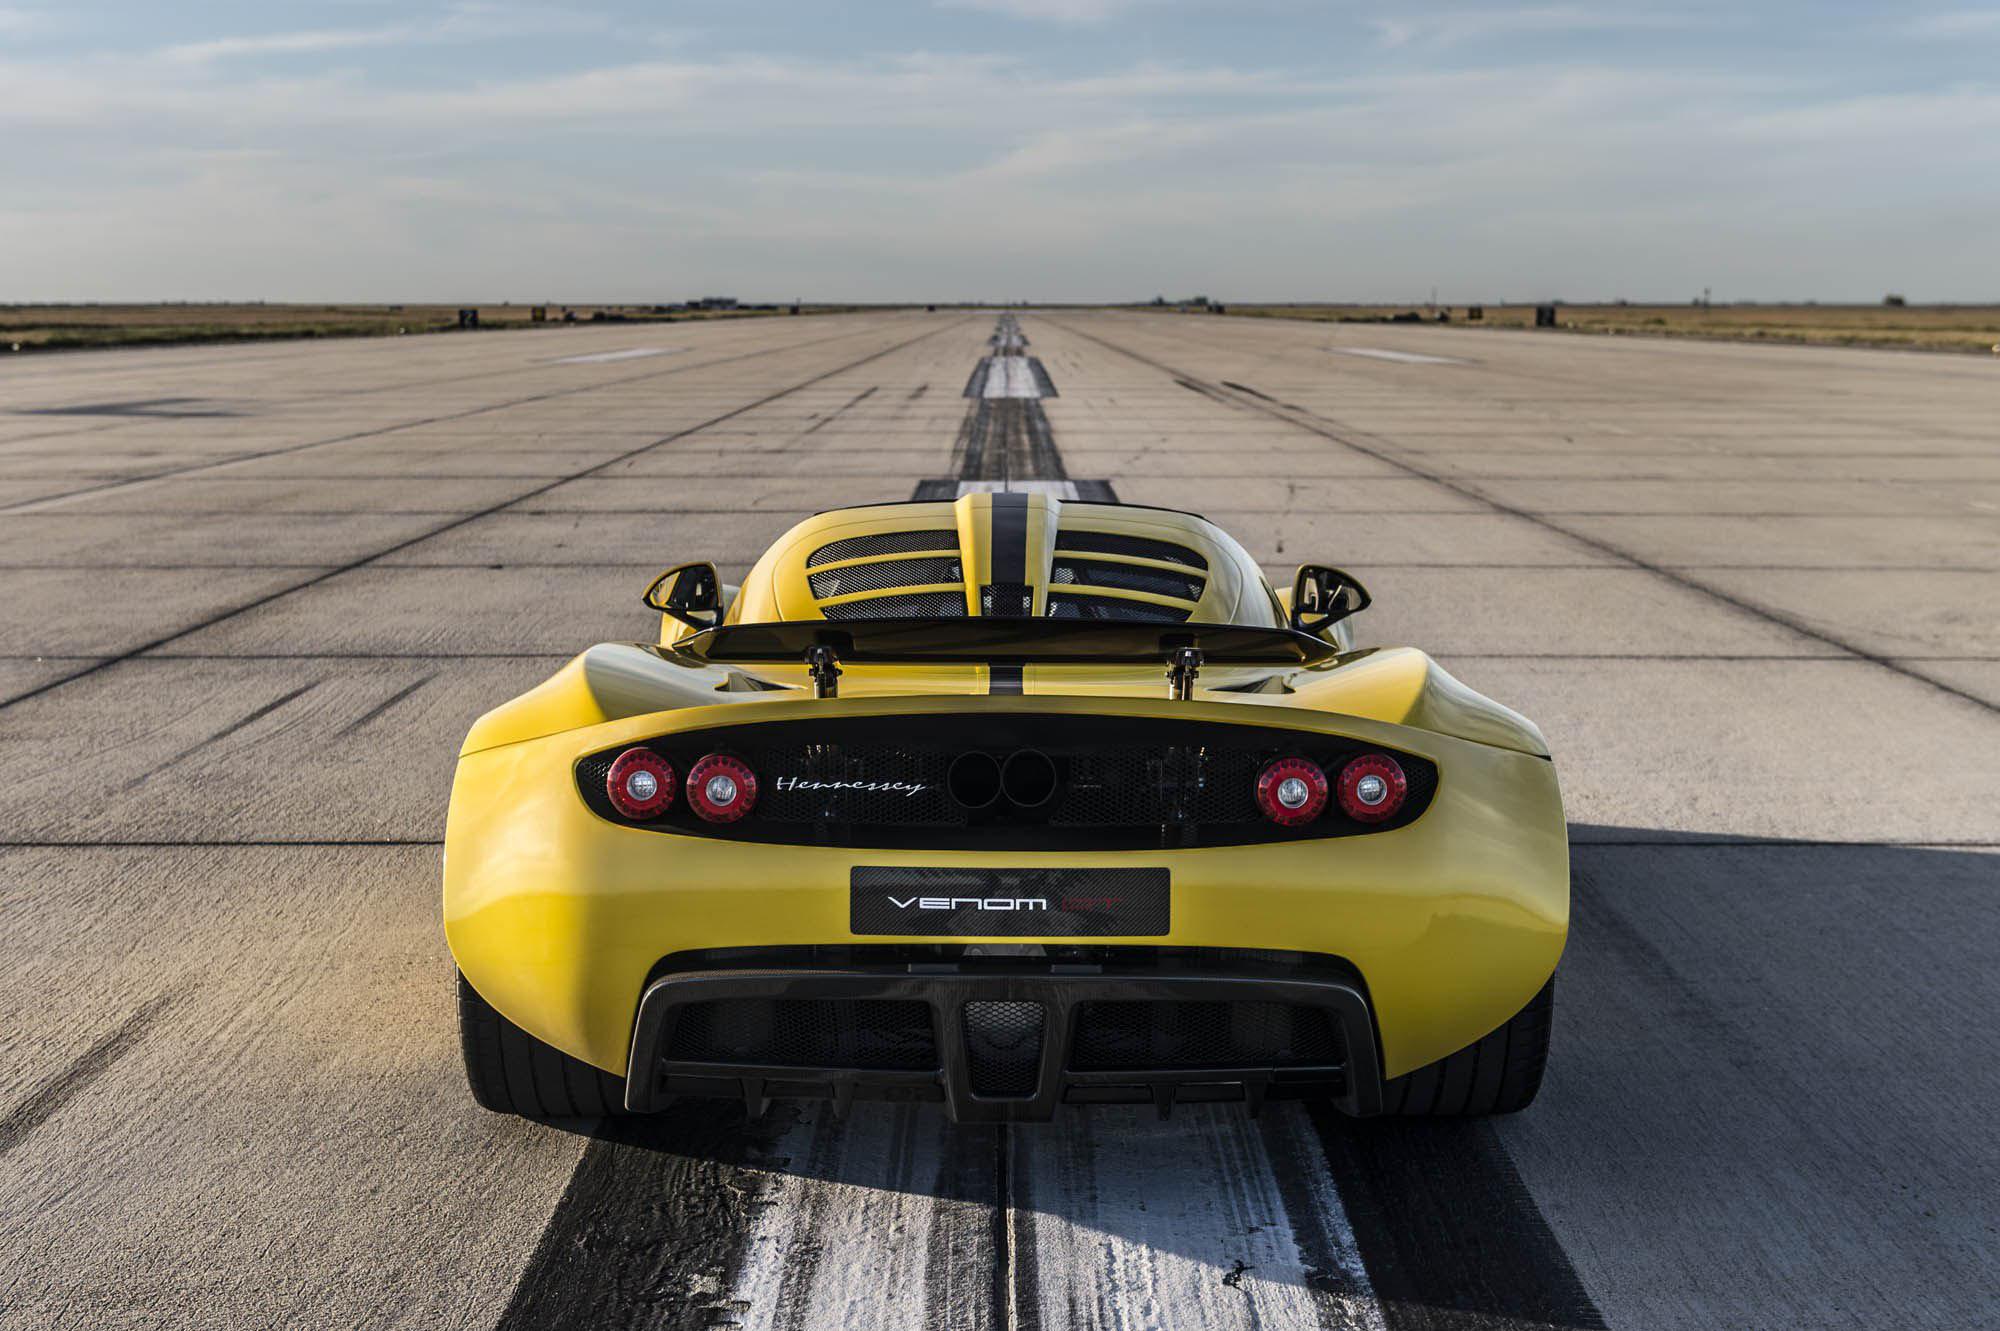 venomgt-convertible-world-record-09-1